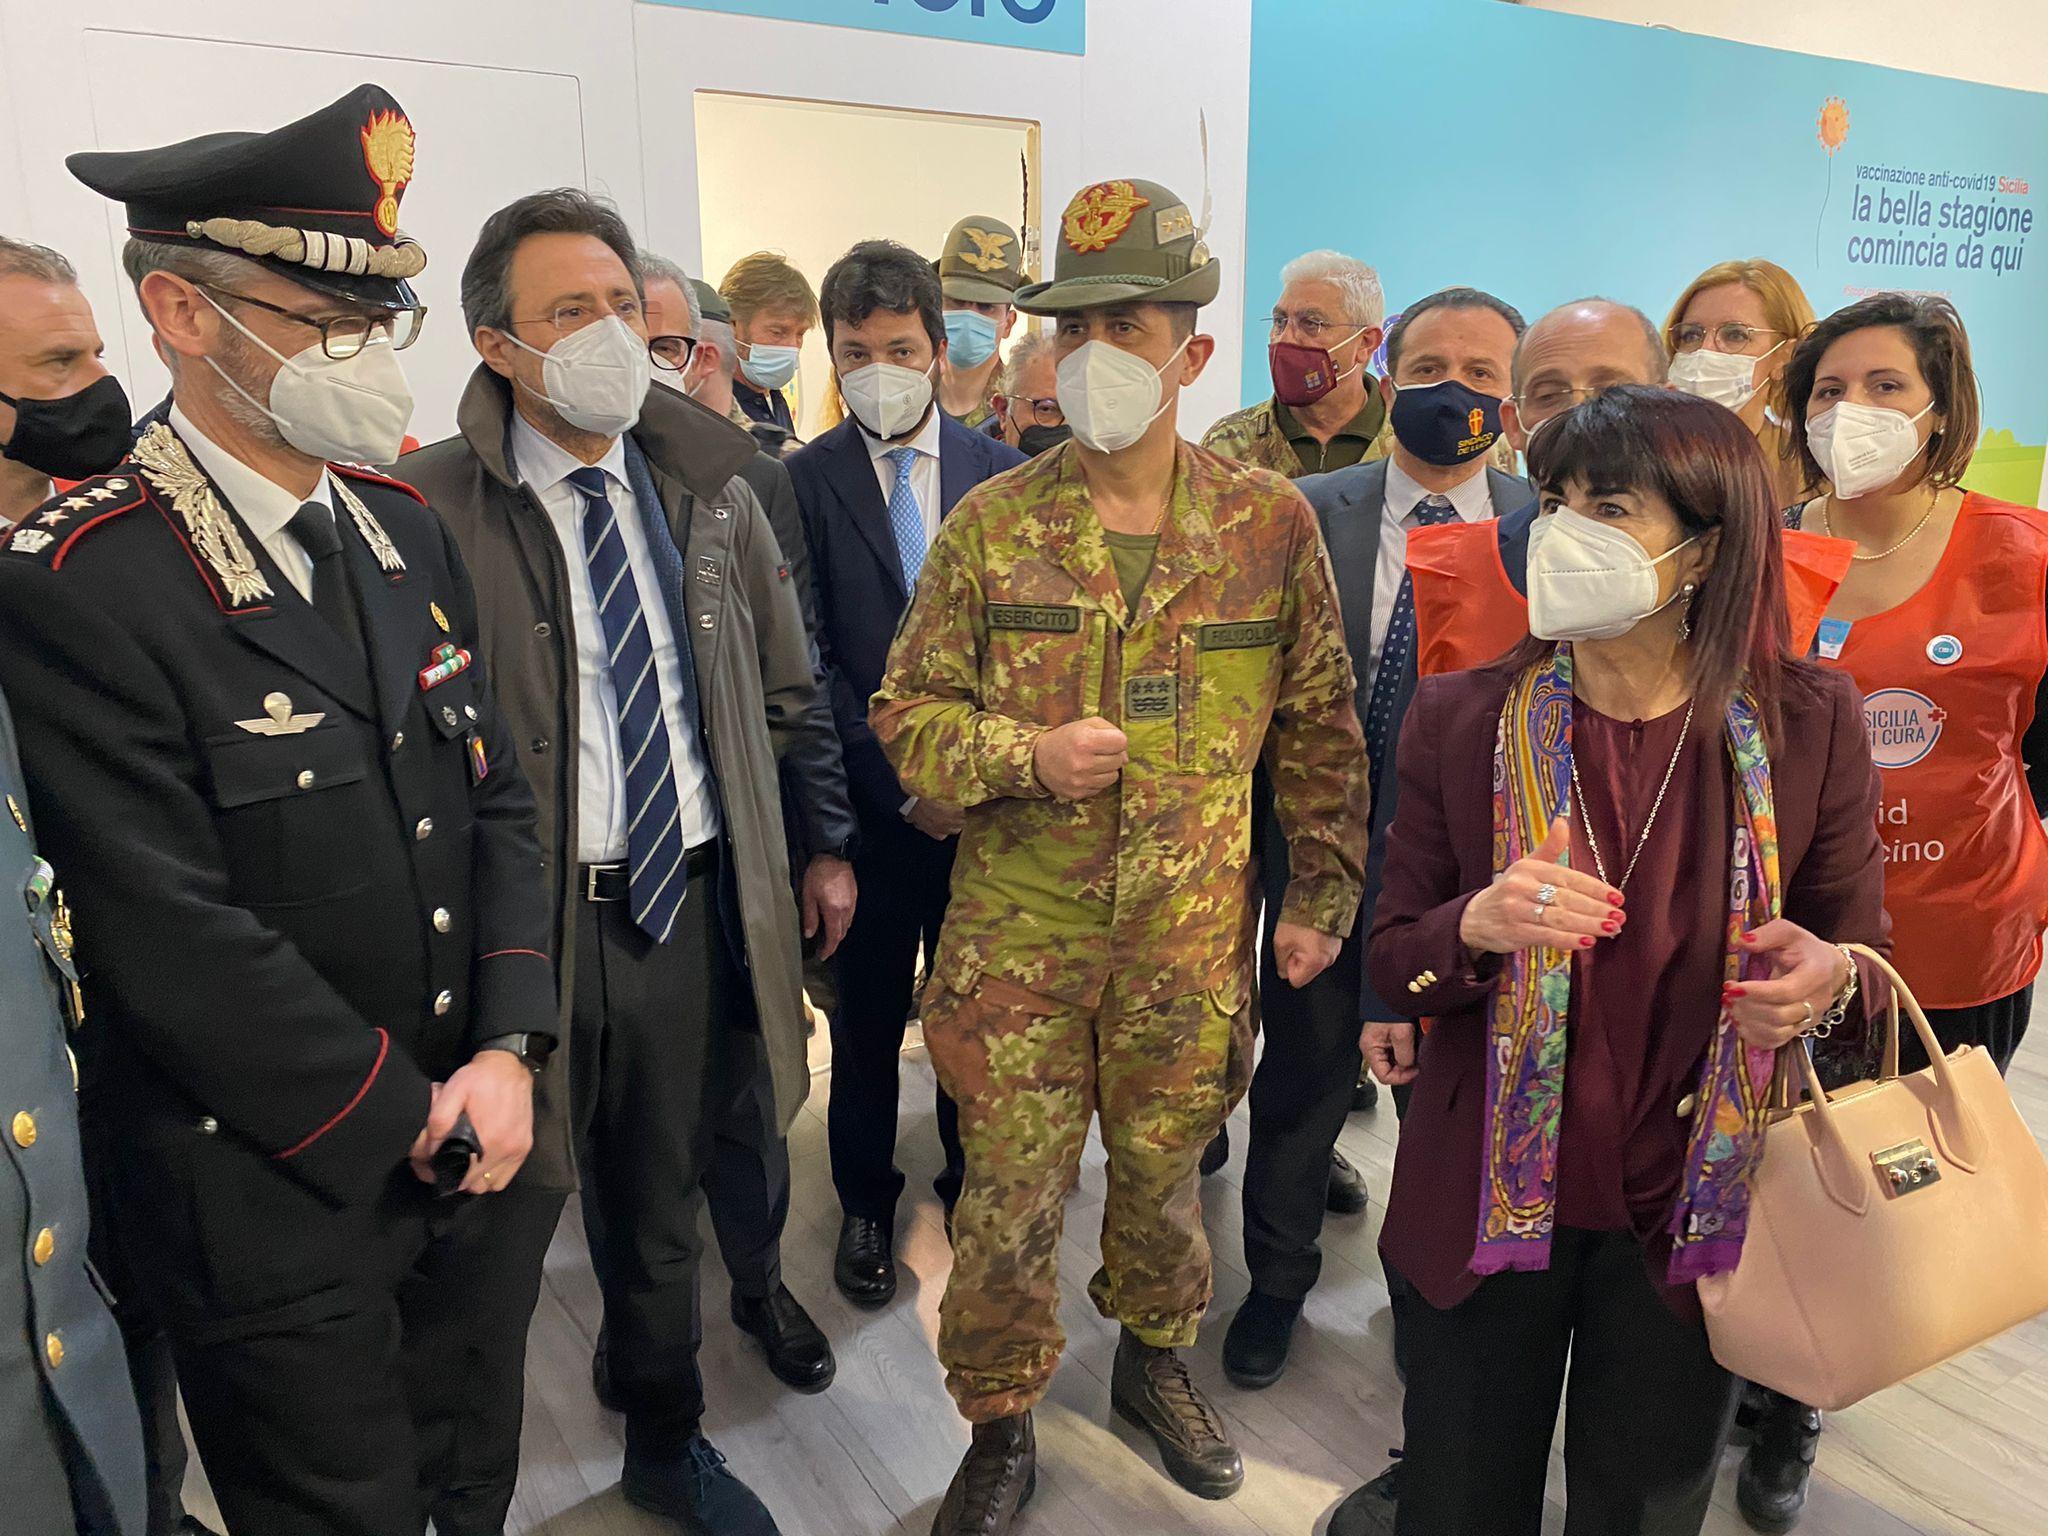 Vaccino, al via da Messina visita in Sicilia del generale Figliuolo –  CafeTV24